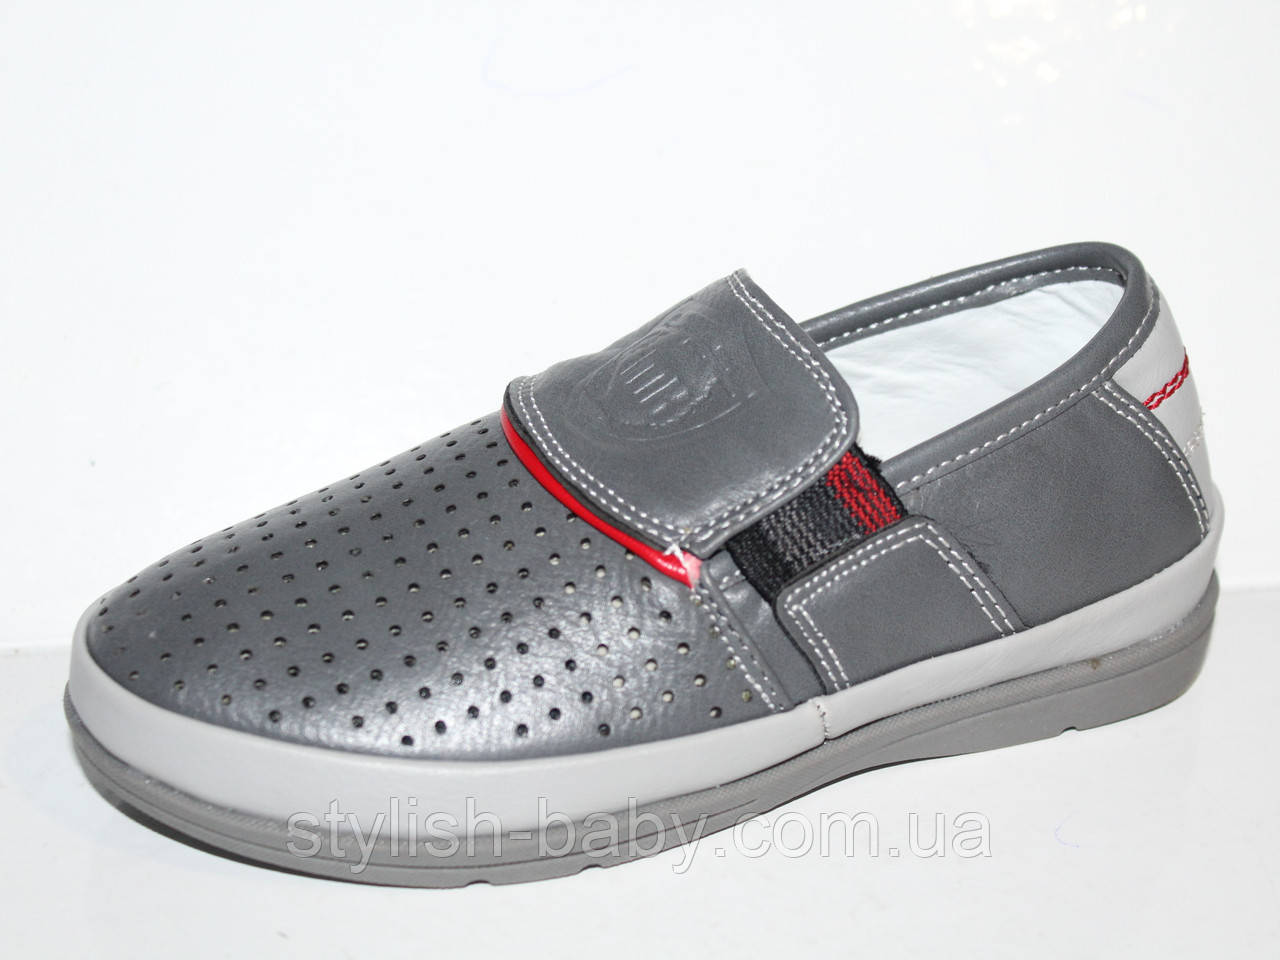 Детская обувь оптом. Детские туфли с перфорацией бренда Tom.m для мальчиков (рр. с 27 по 32)